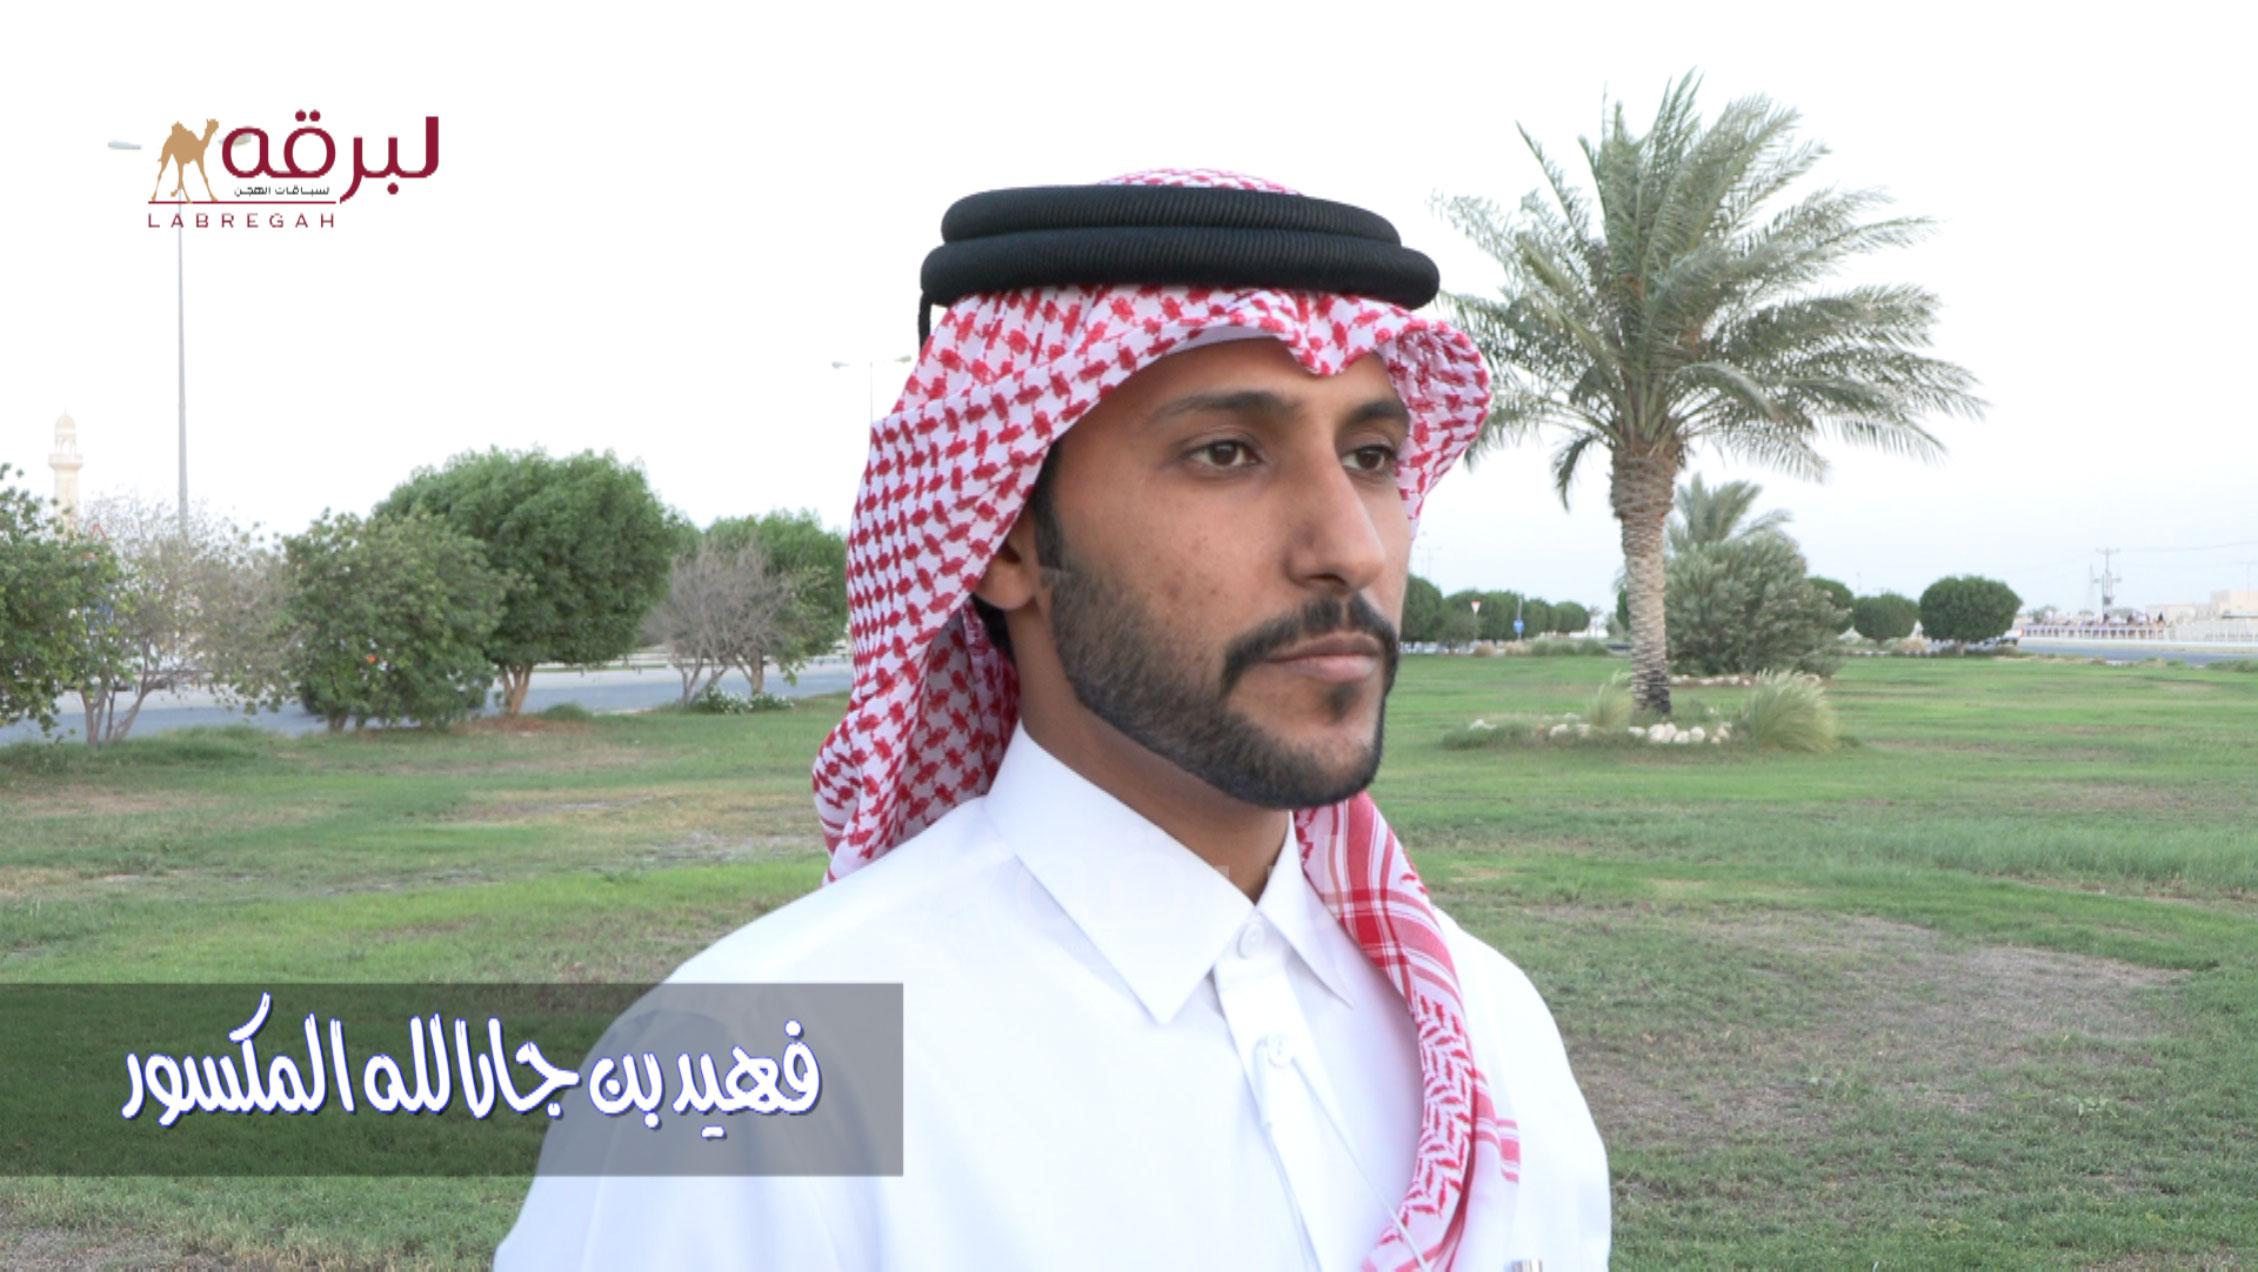 لقاء مع فهيد بن جارالله المكسور.. الشوط الرئيسي للجذاع بكار (عمانيات) الأشواط العامة  ٩-١٠-٢٠٢١